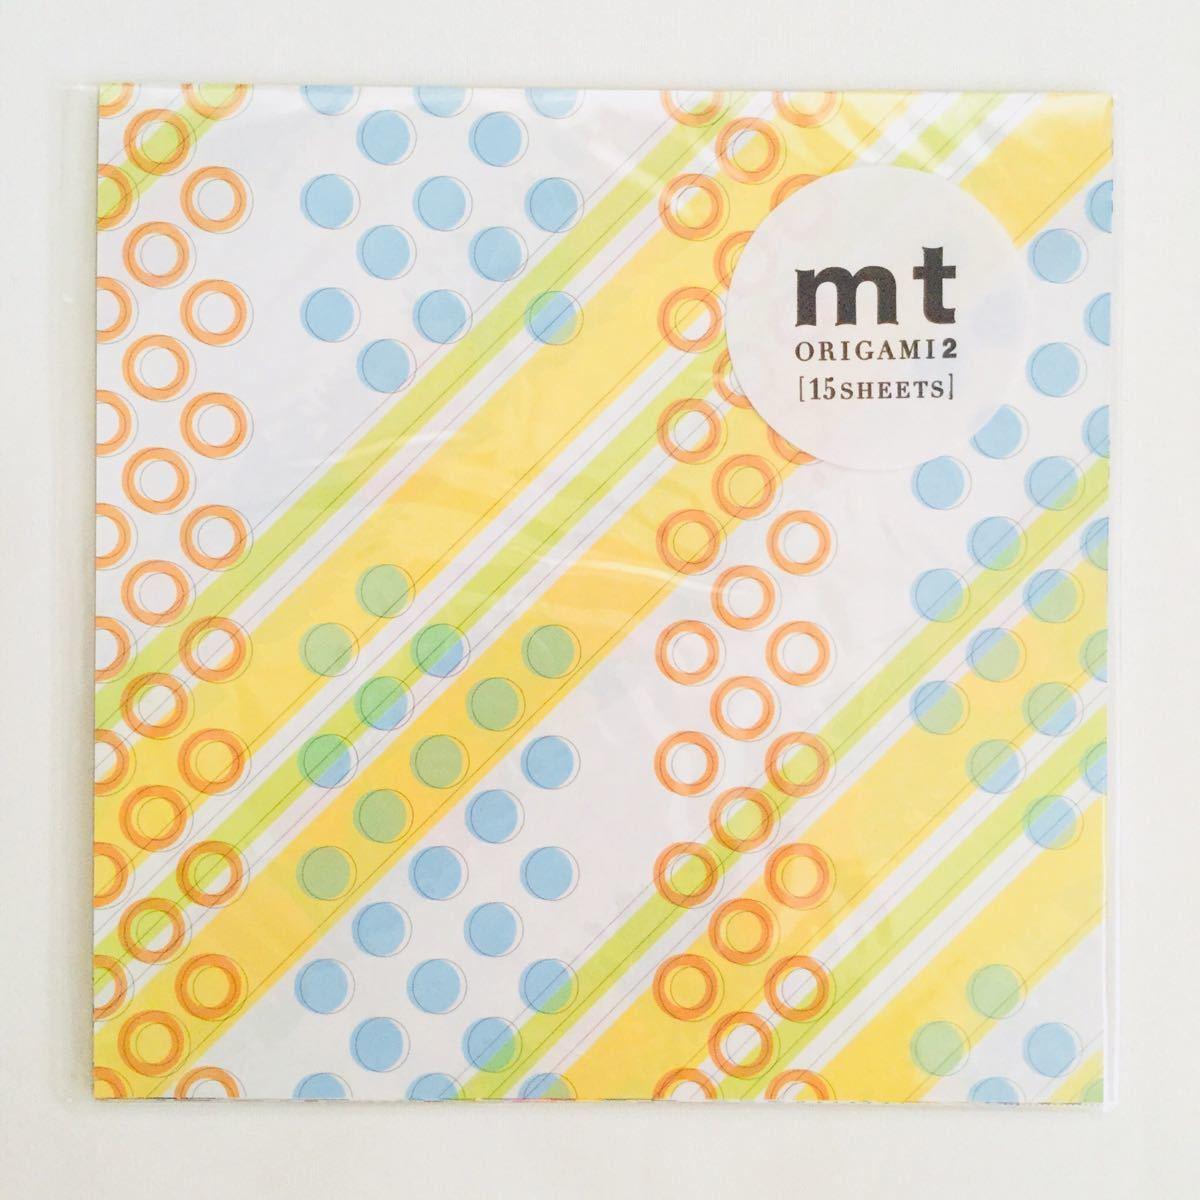 新品*mt factory tour 6 ファクトリーツアー 工場見学*ノベルティ 折り紙 origami*非売品 検索:カモ井 マスキングテープB_画像1